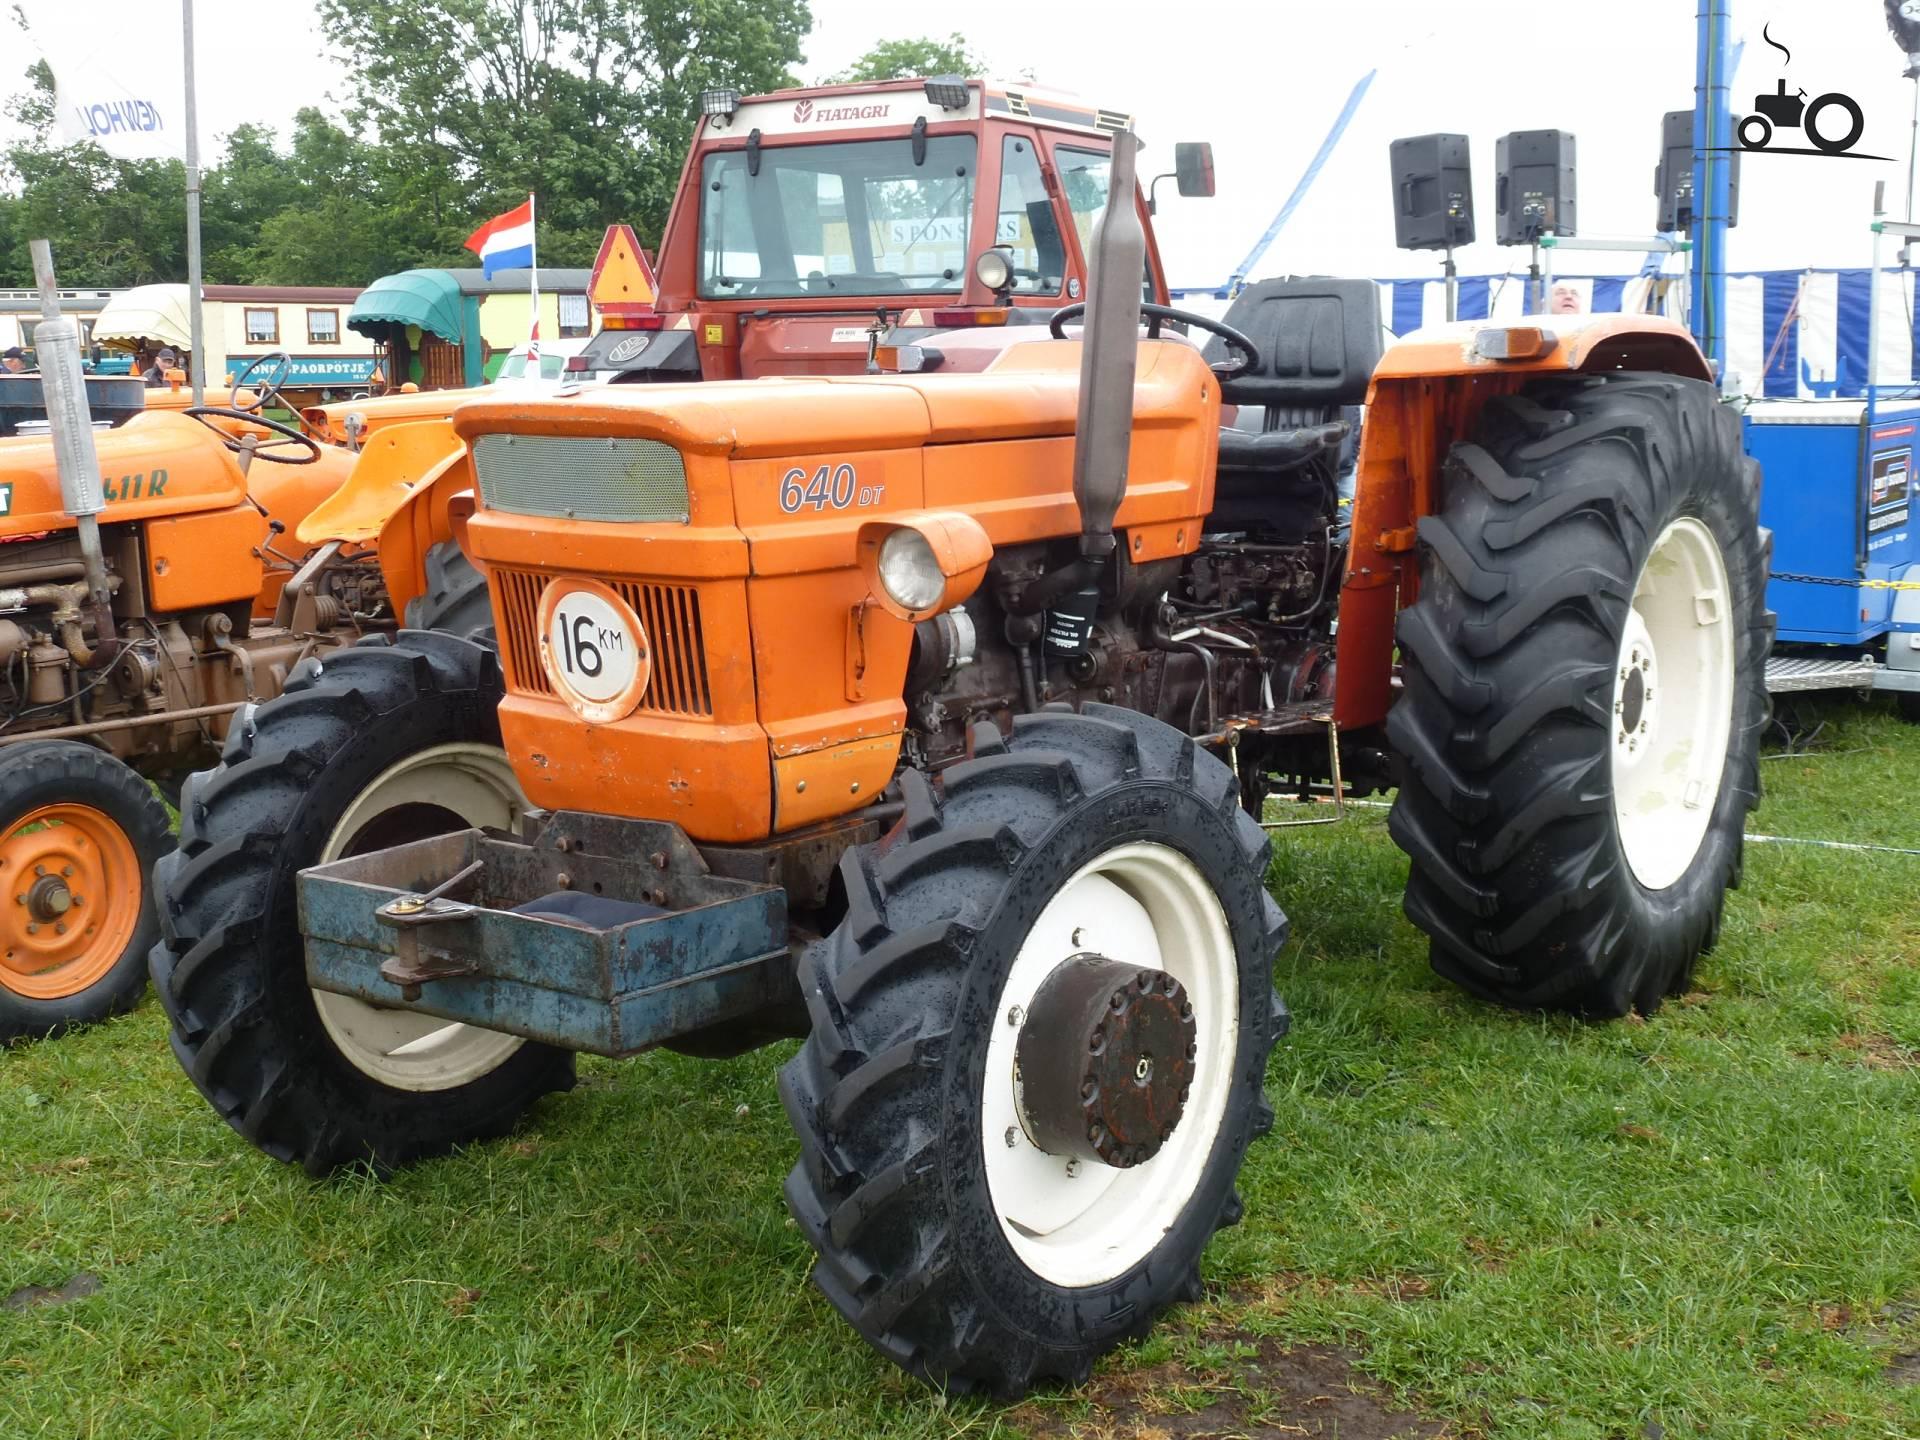 manuale trattore fiat 640